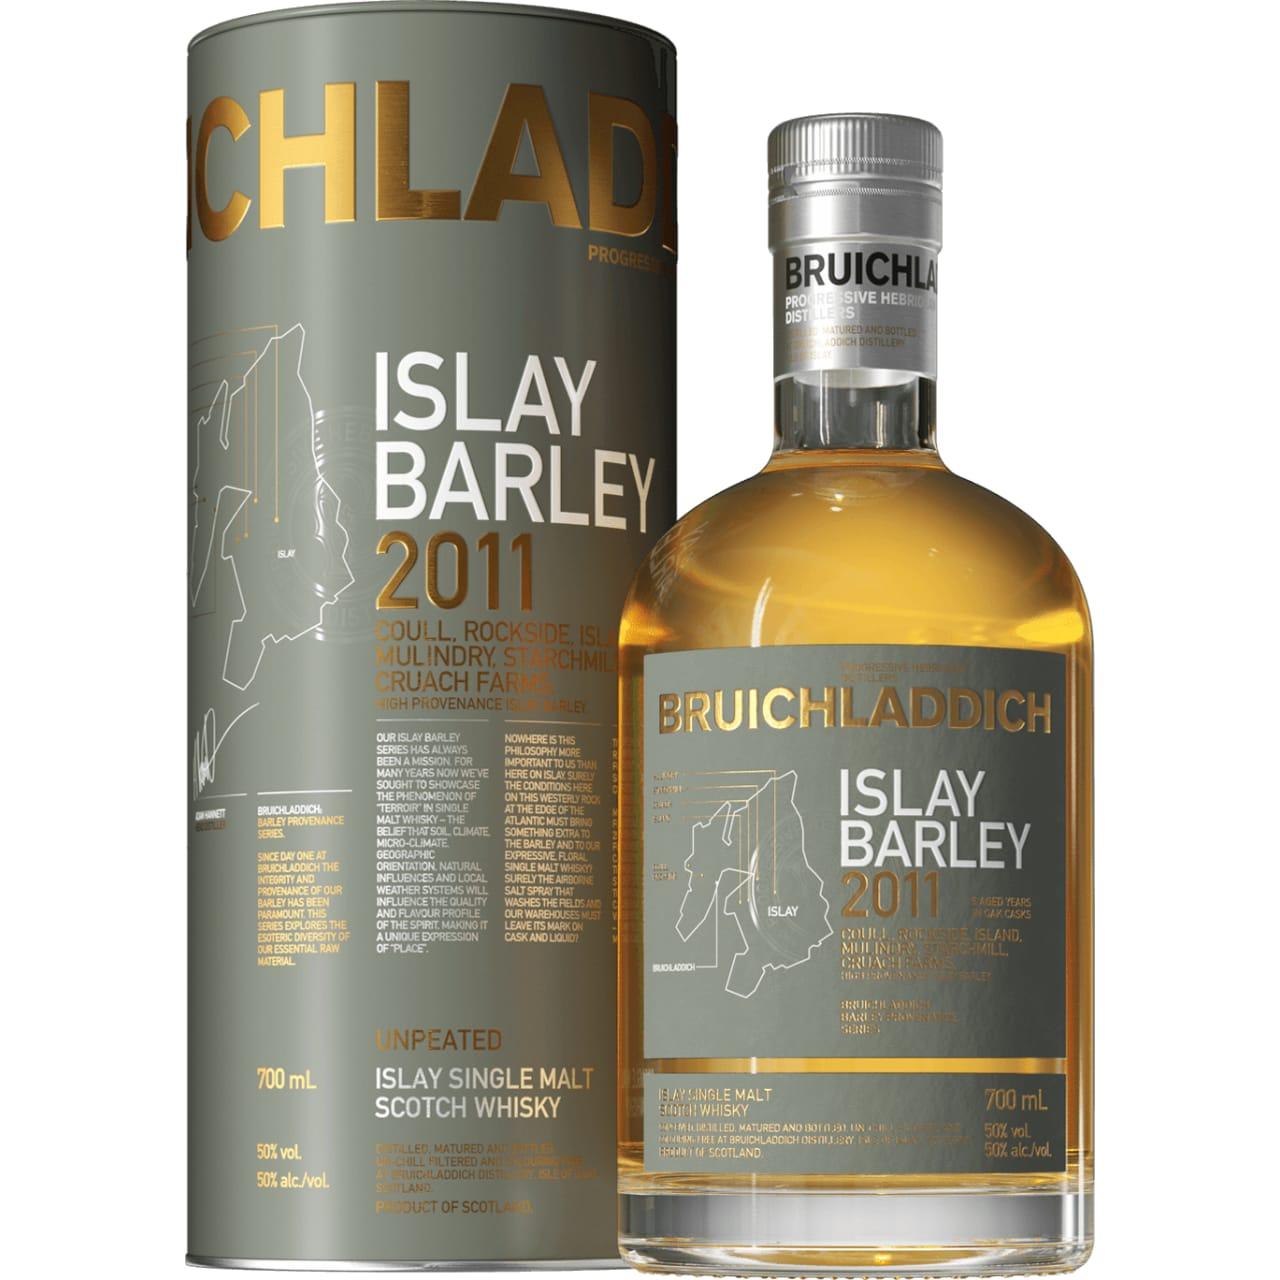 Product Image - Bruichladdich Islay Barley Single Malt